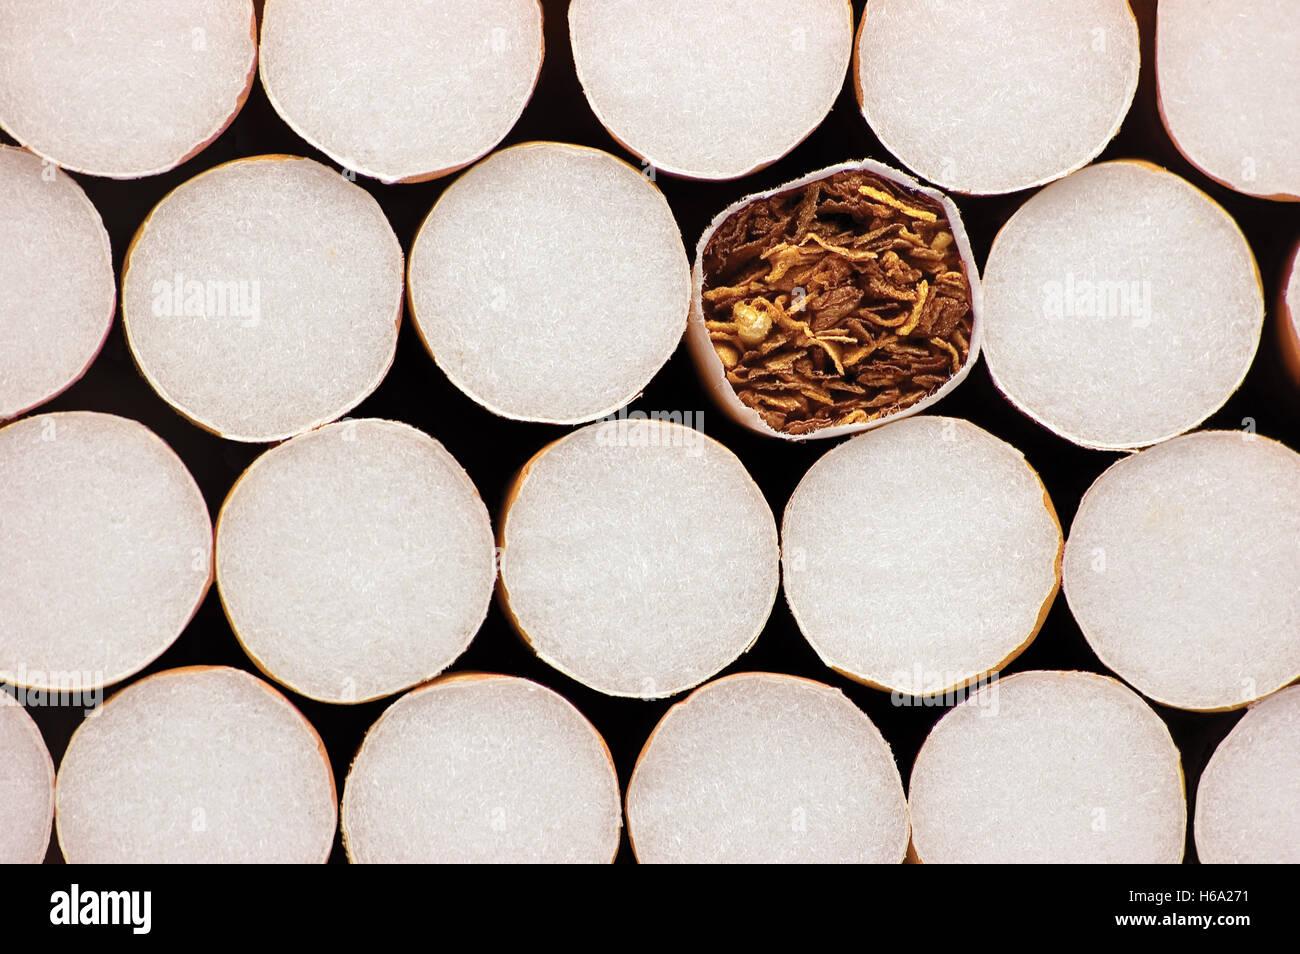 Makro Nahaufnahme von Filterzigaretten, große detaillierte Tabak Konzept Hintergrundmuster Stockbild